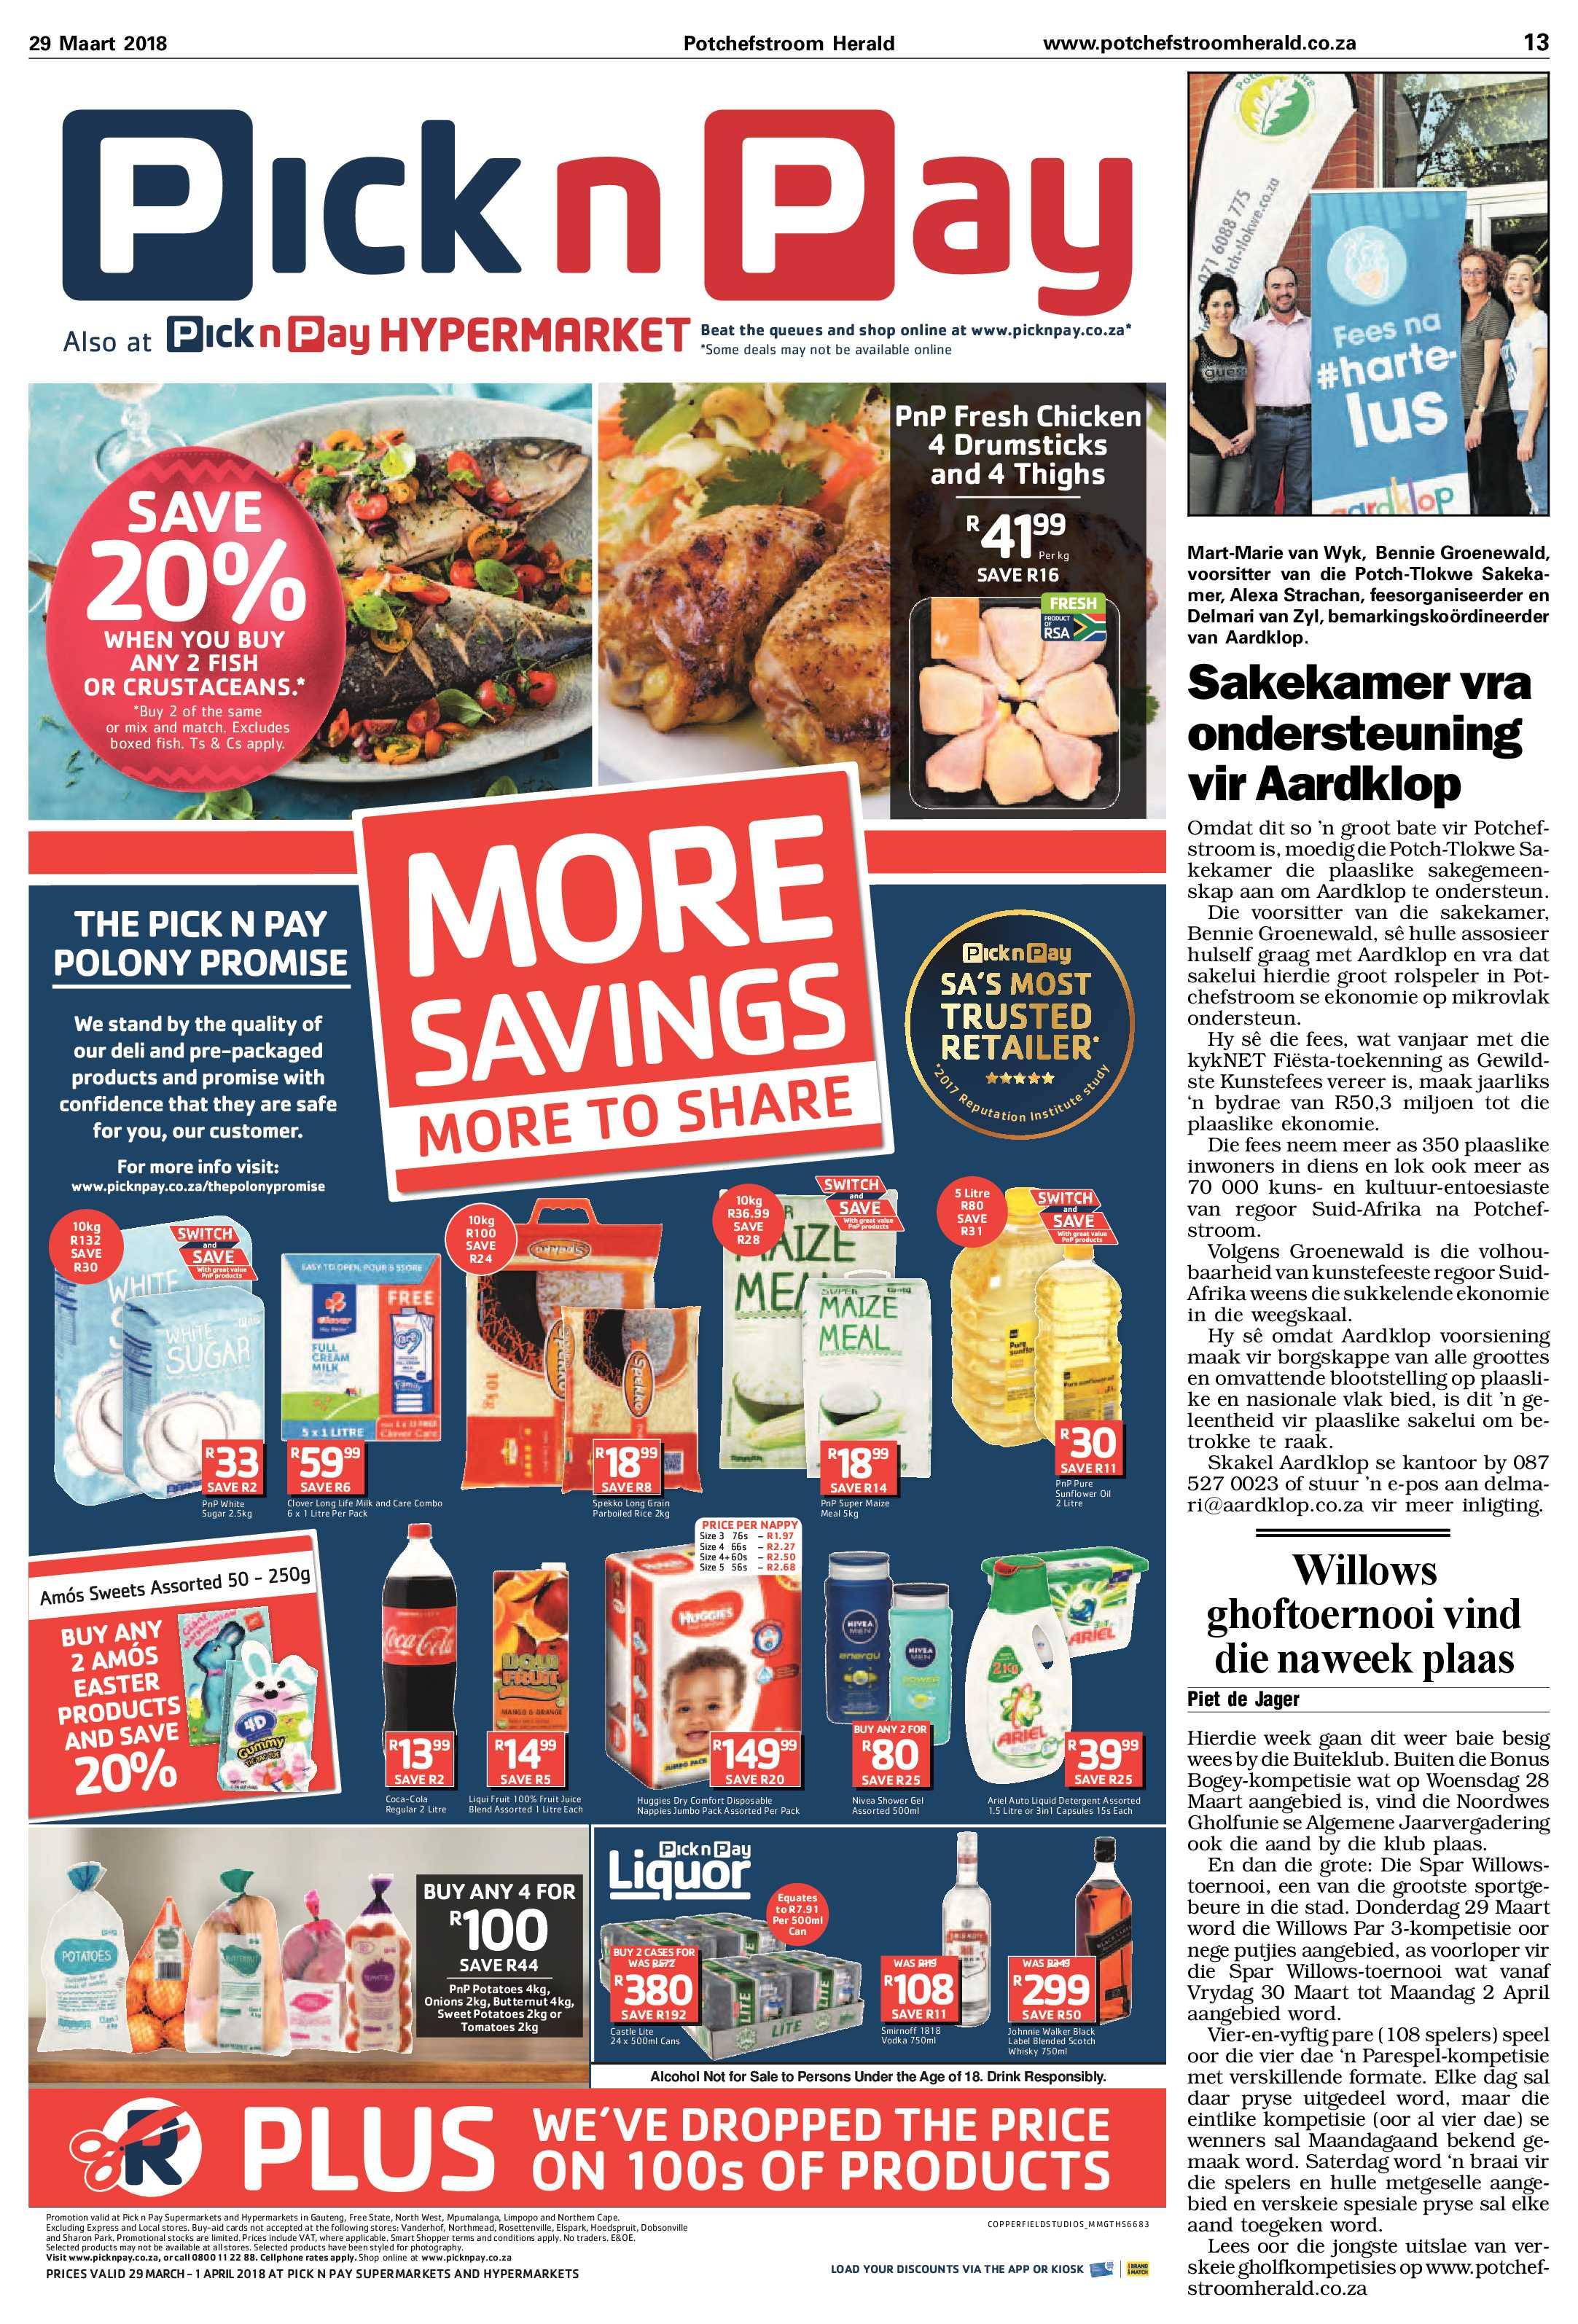 29-maart-2018-epapers-page-13